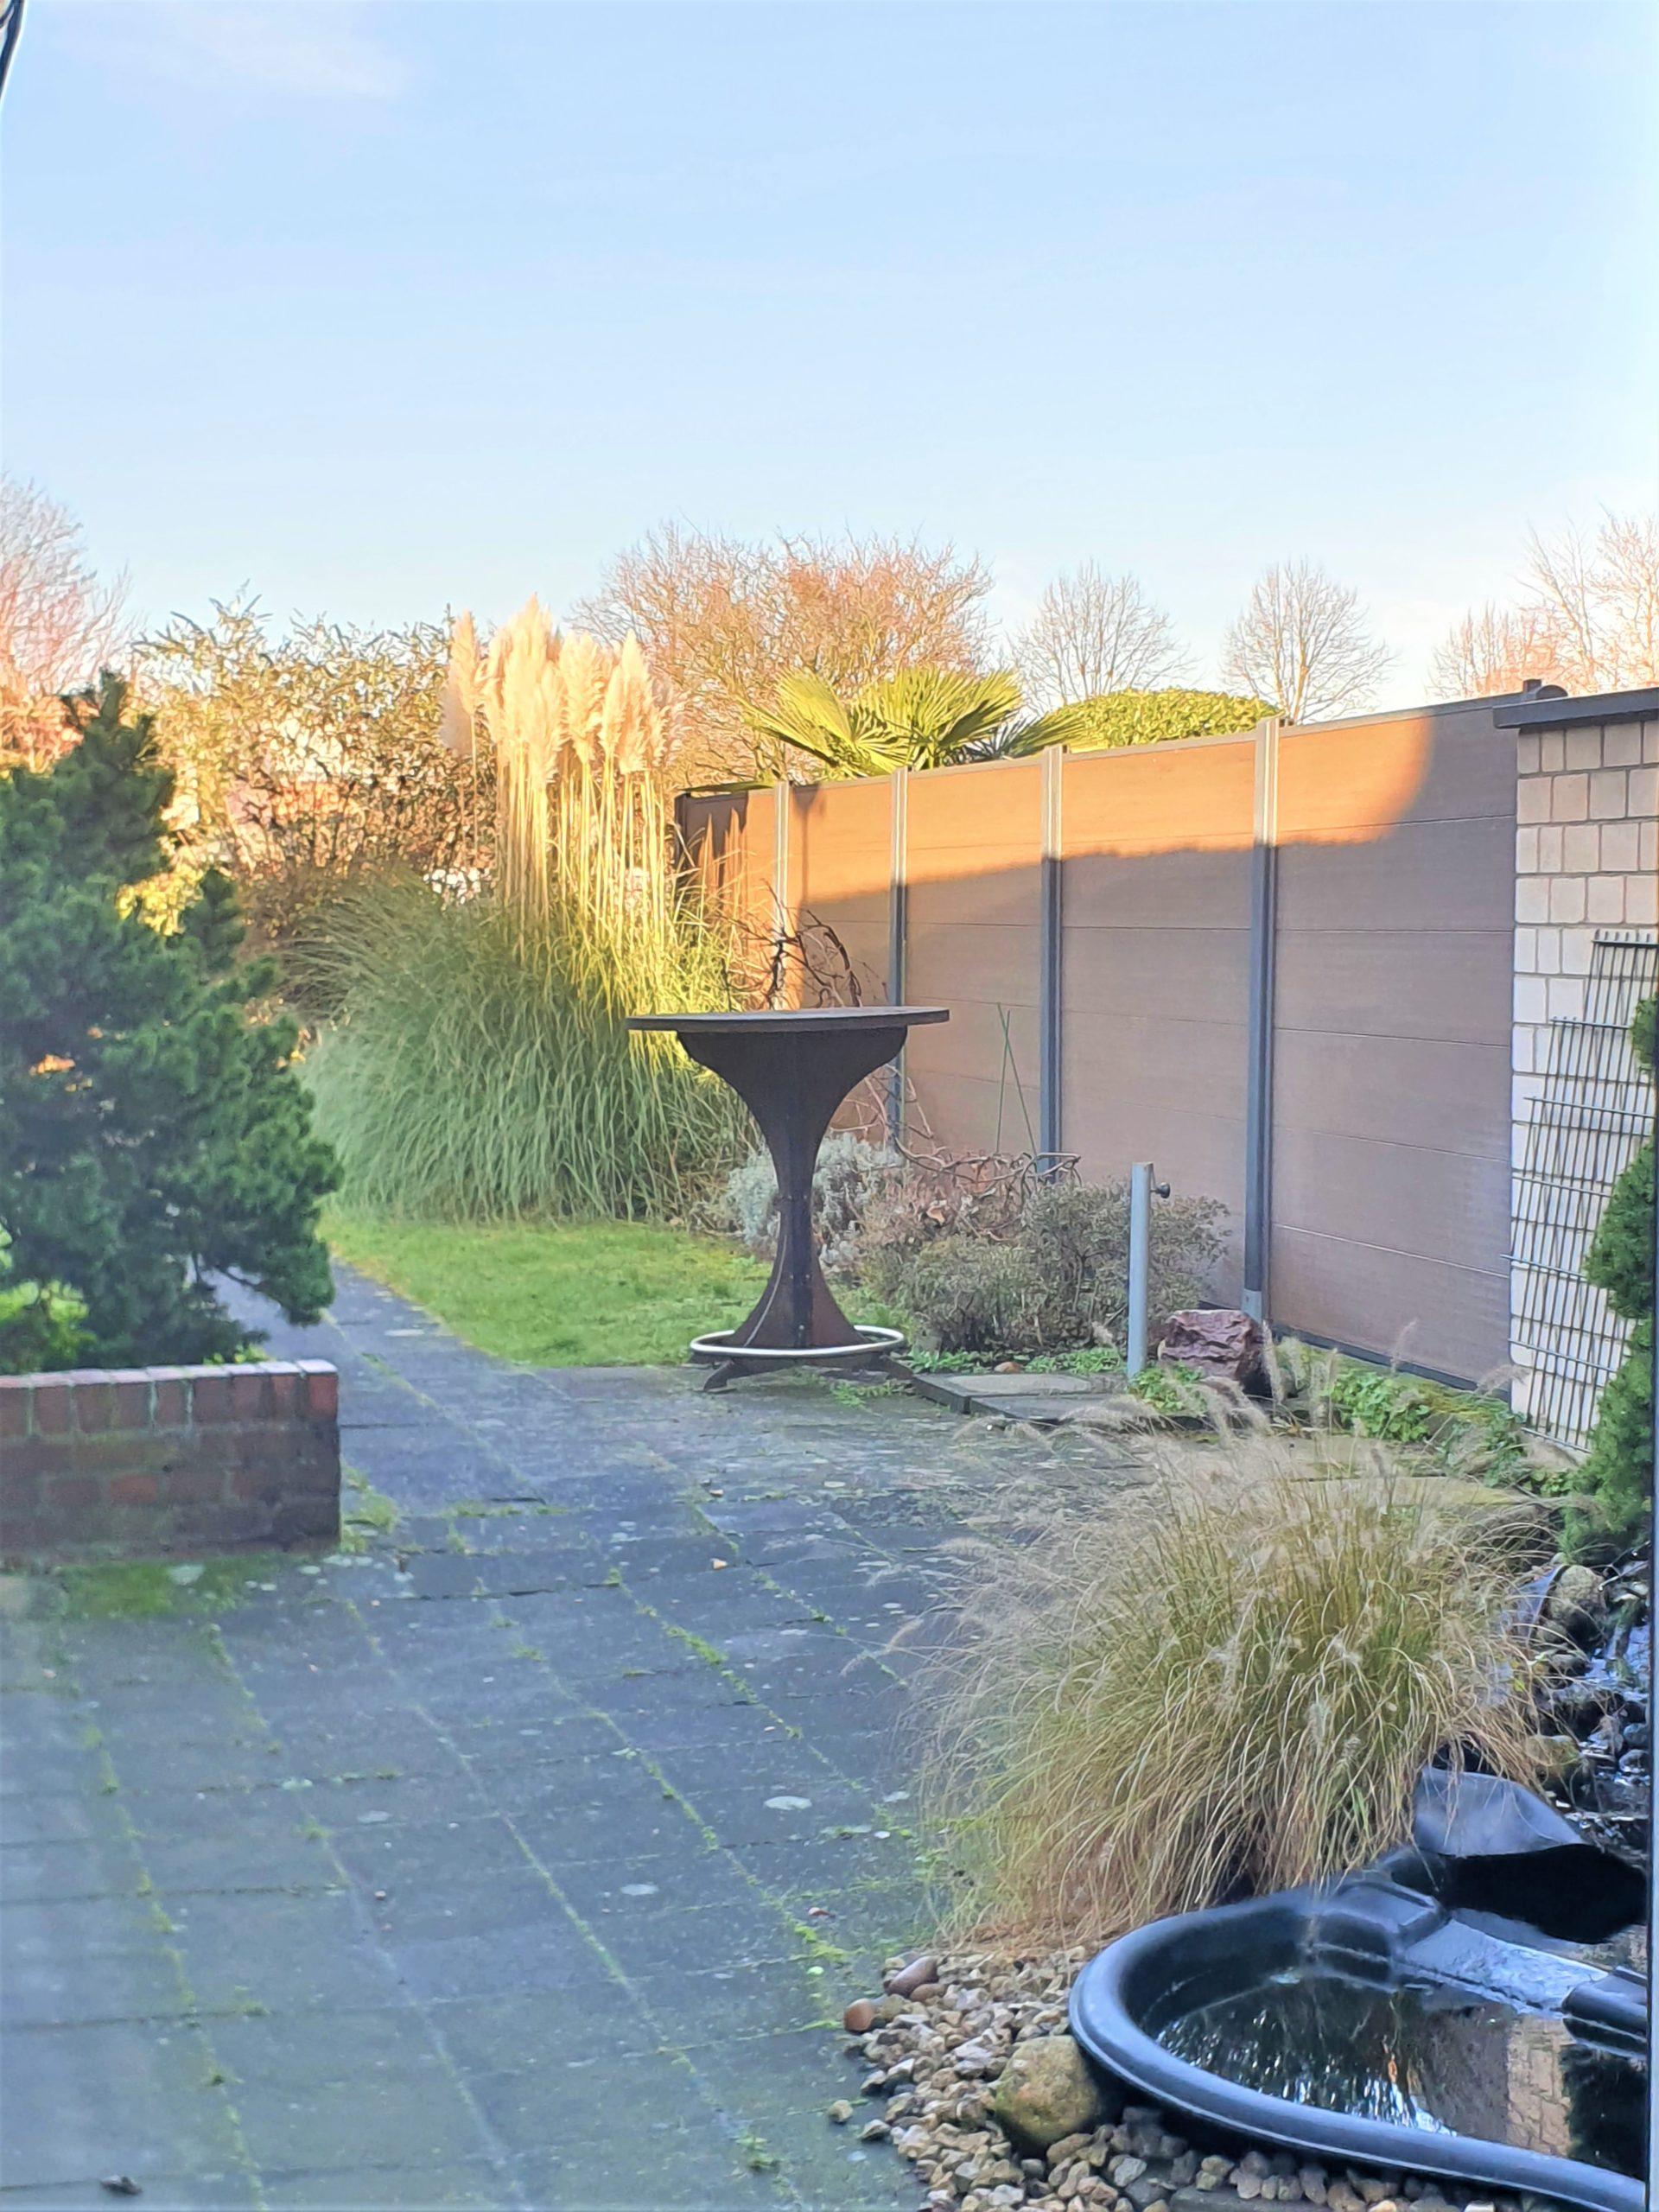 504-detailansichtgarten (1)